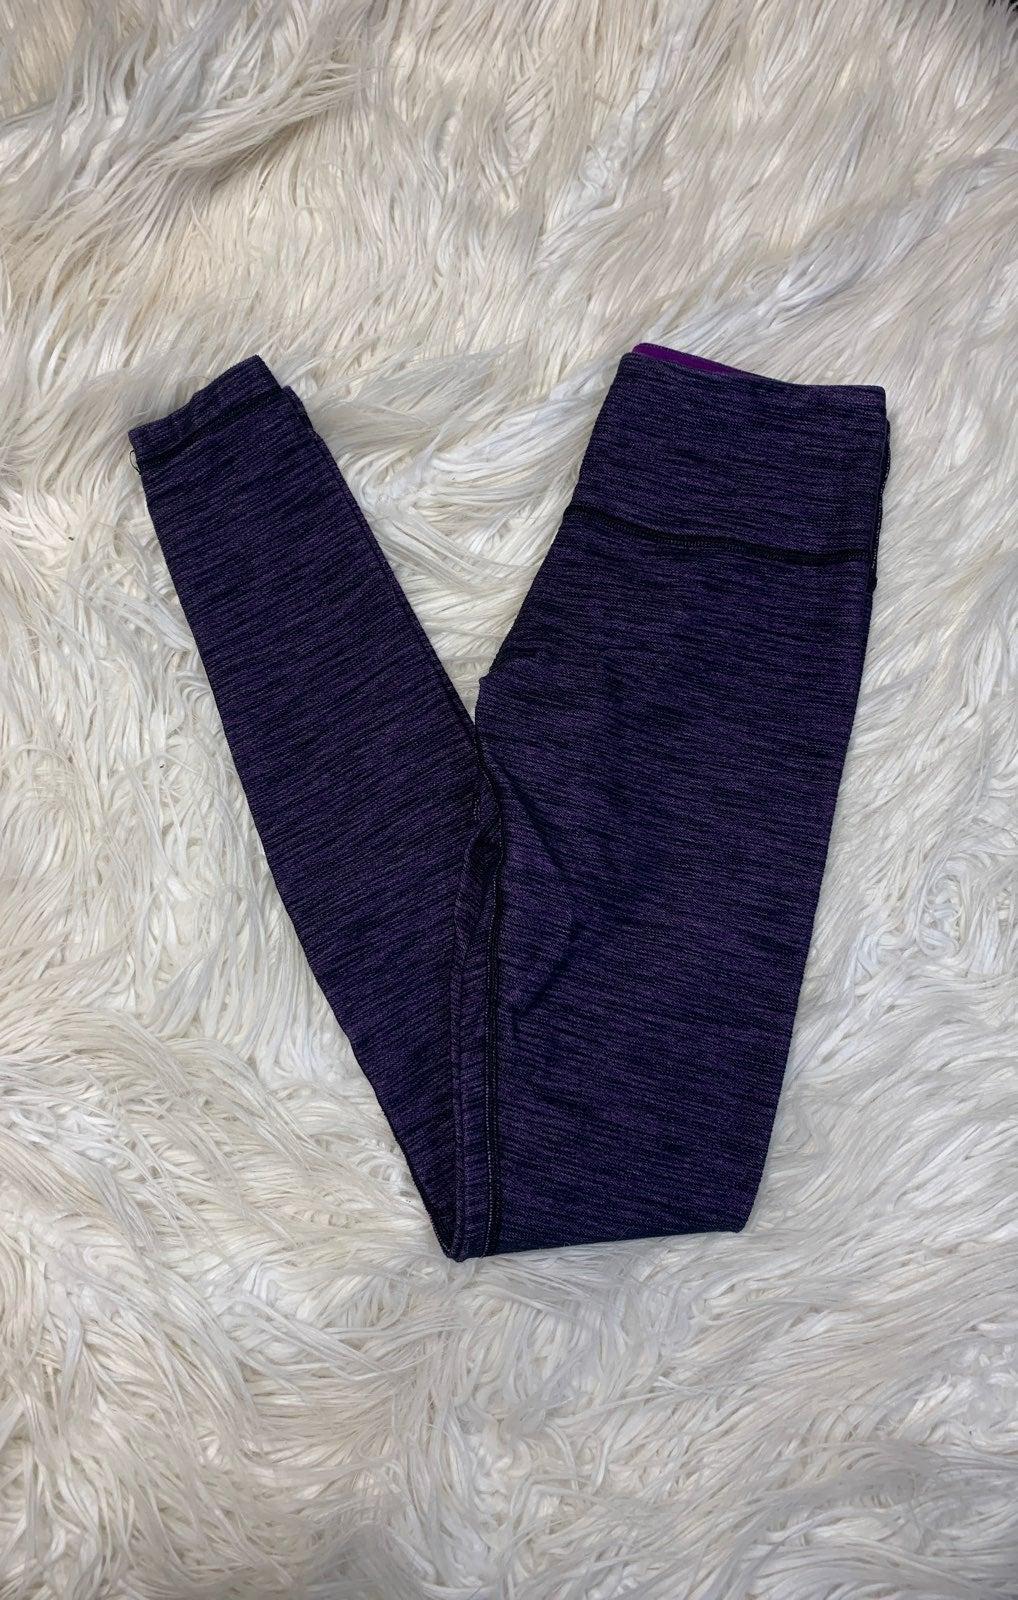 Women's Lululemon Full Length Leggings